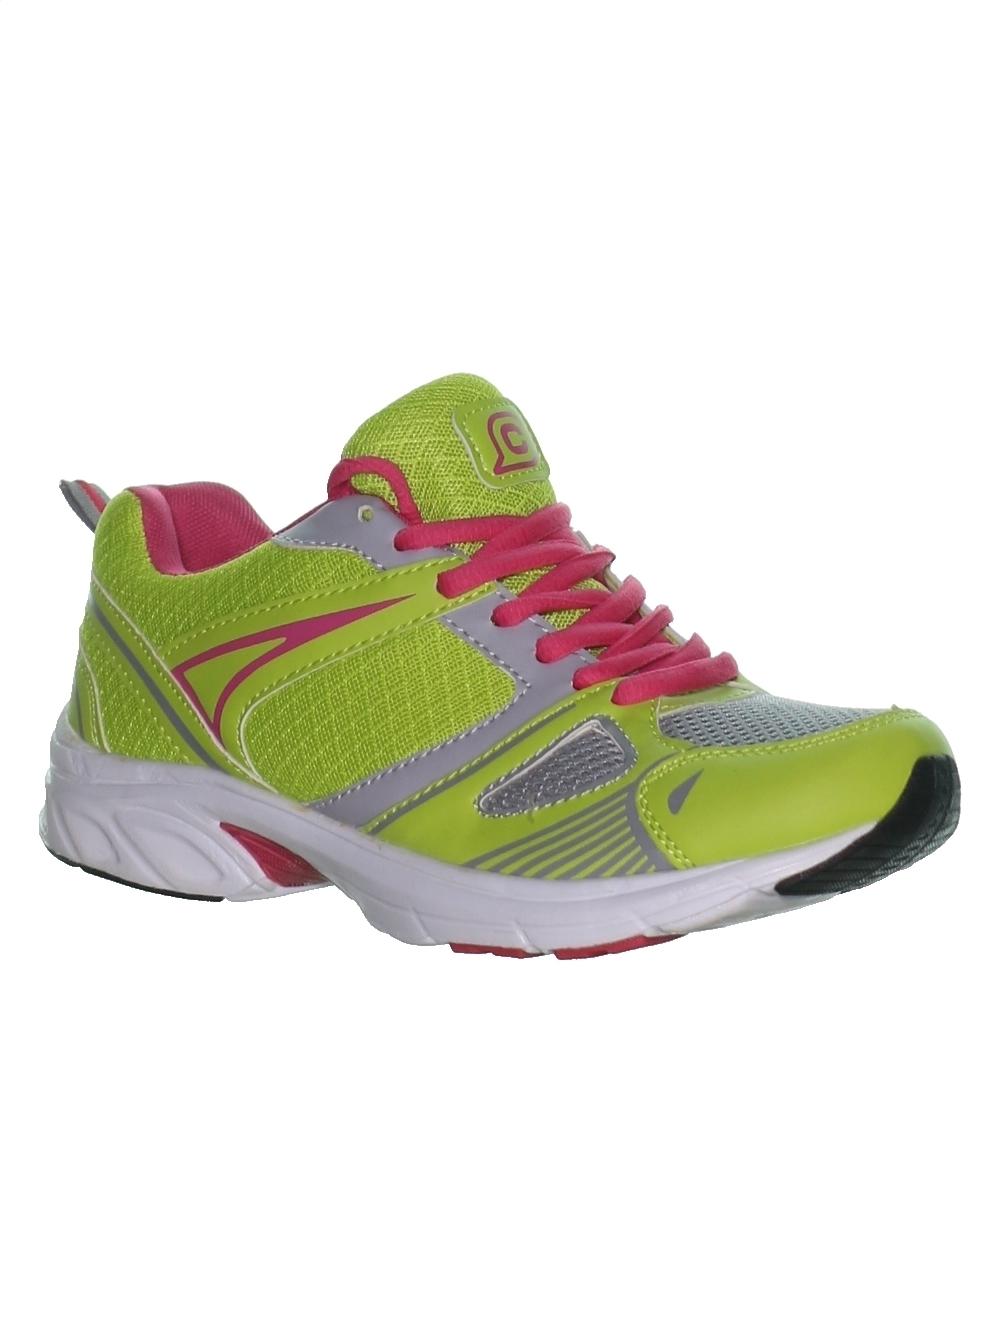 nouveau sommet sortie en ligne prix fou Chaussures de sport Fille AUCHAN 39 pas cher, 2.10 € - #1176576